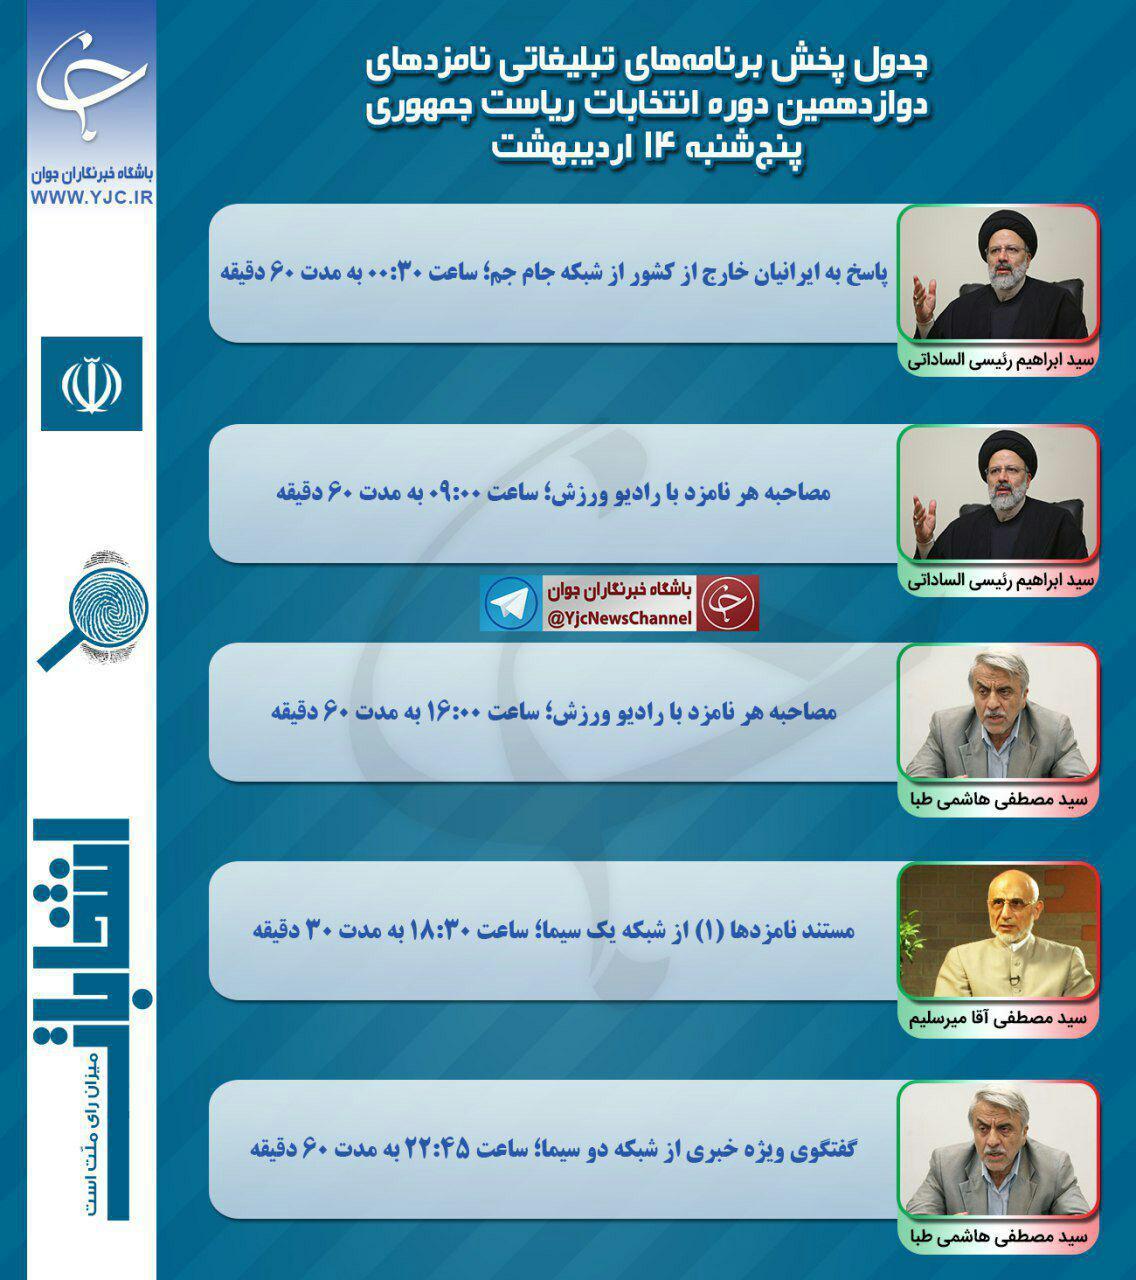 برنامه نامزدهای انتخابات ریاست جمهوری در رسانه ملی در چهاردهمین روز اردیبهشت